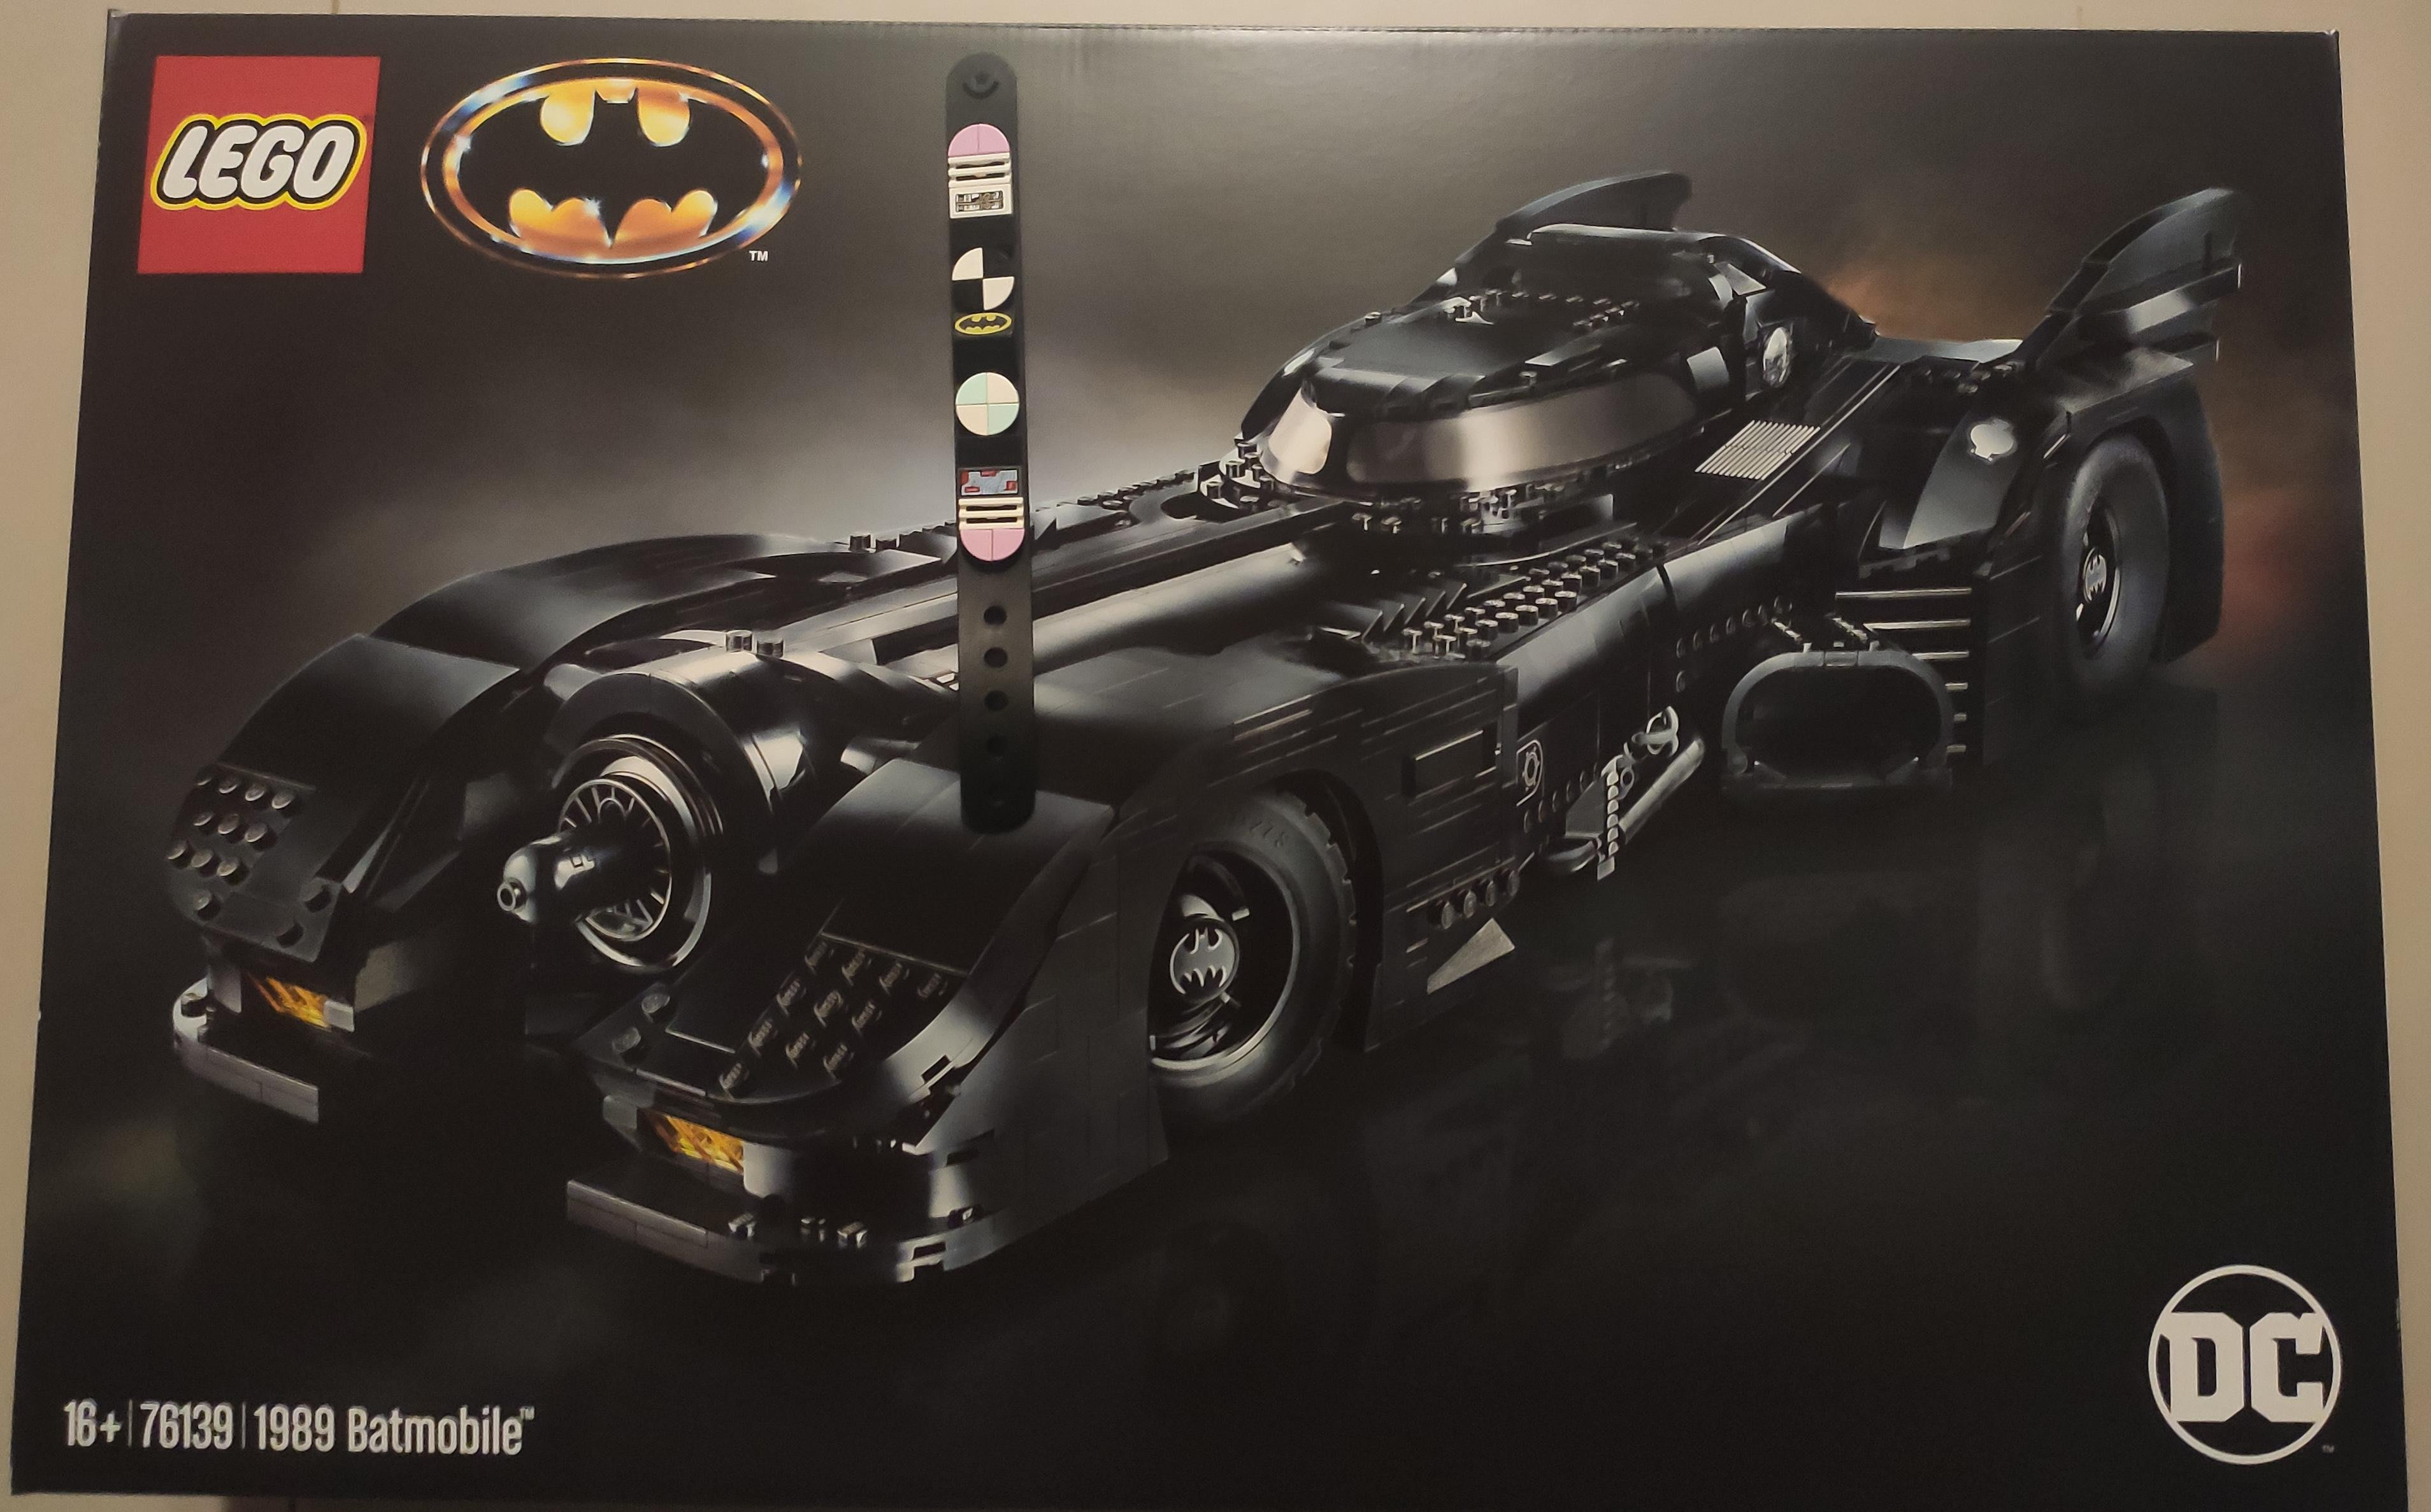 現貨 公司貨 樂高1989蝙蝠車 76139 LEGO 1989 BATMOBILE